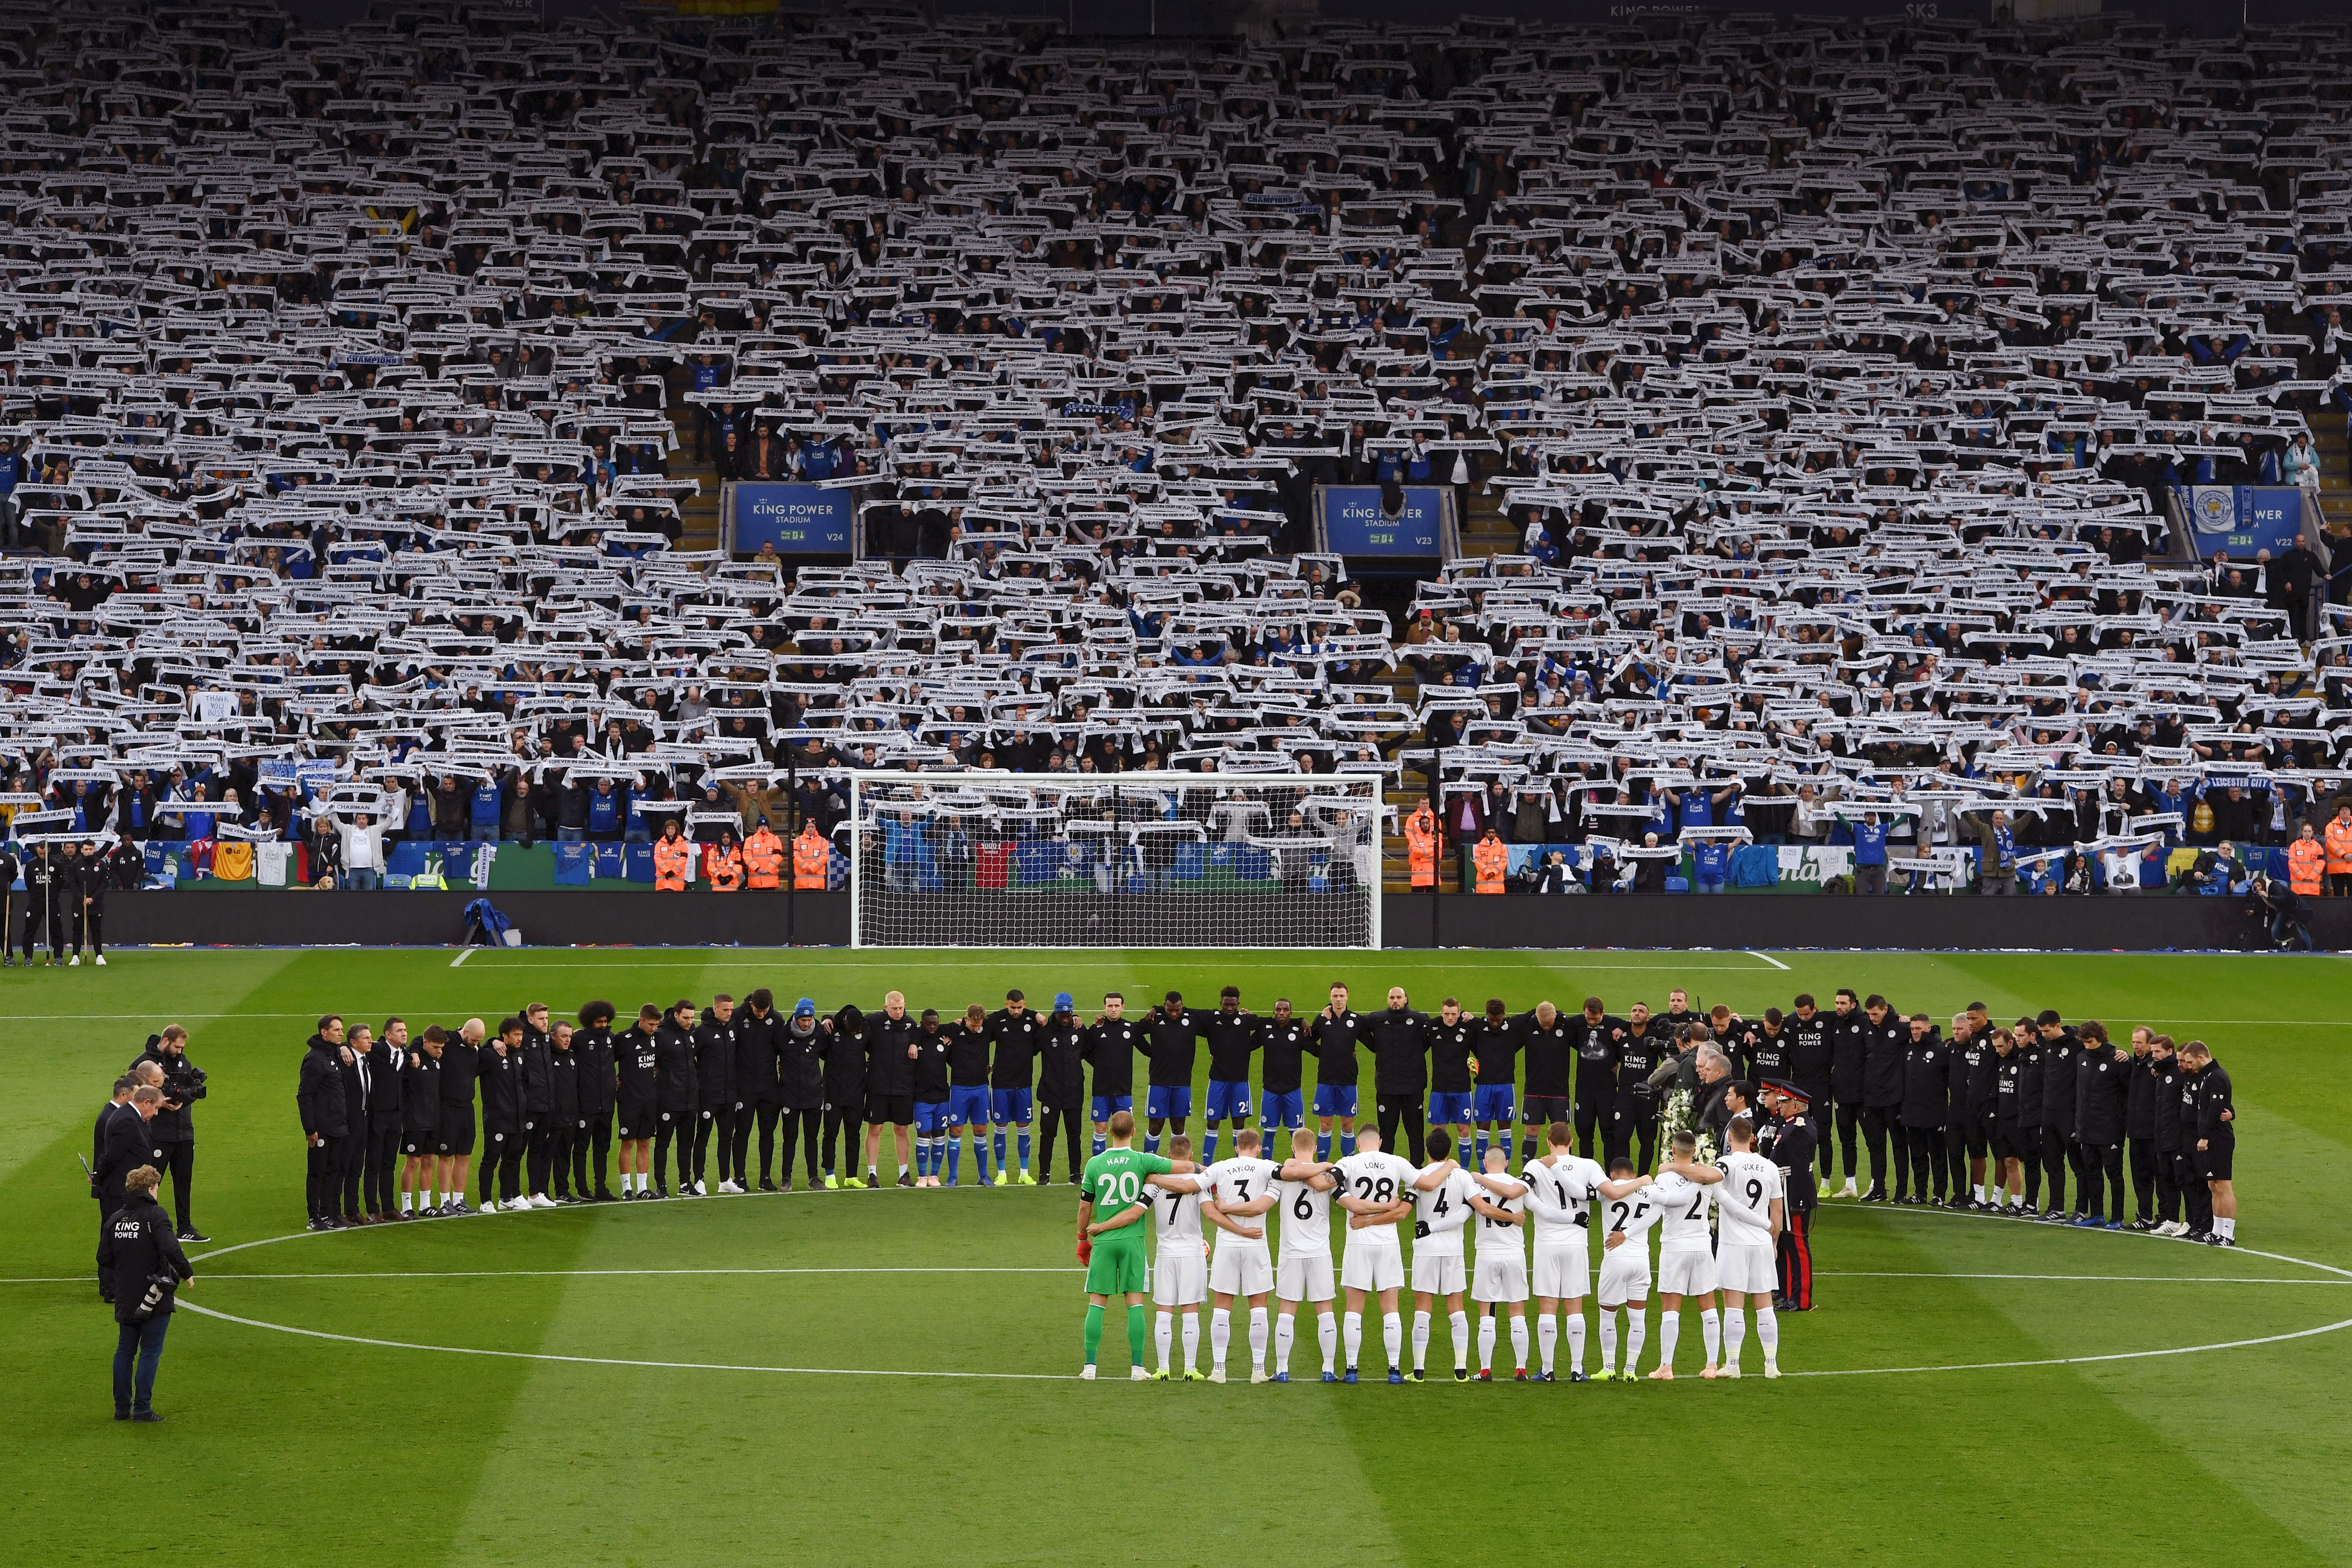 Les équipes de Leicester et et Burnley respectent une minute de silence en hommage à Vichai Srivaddhanaprabha